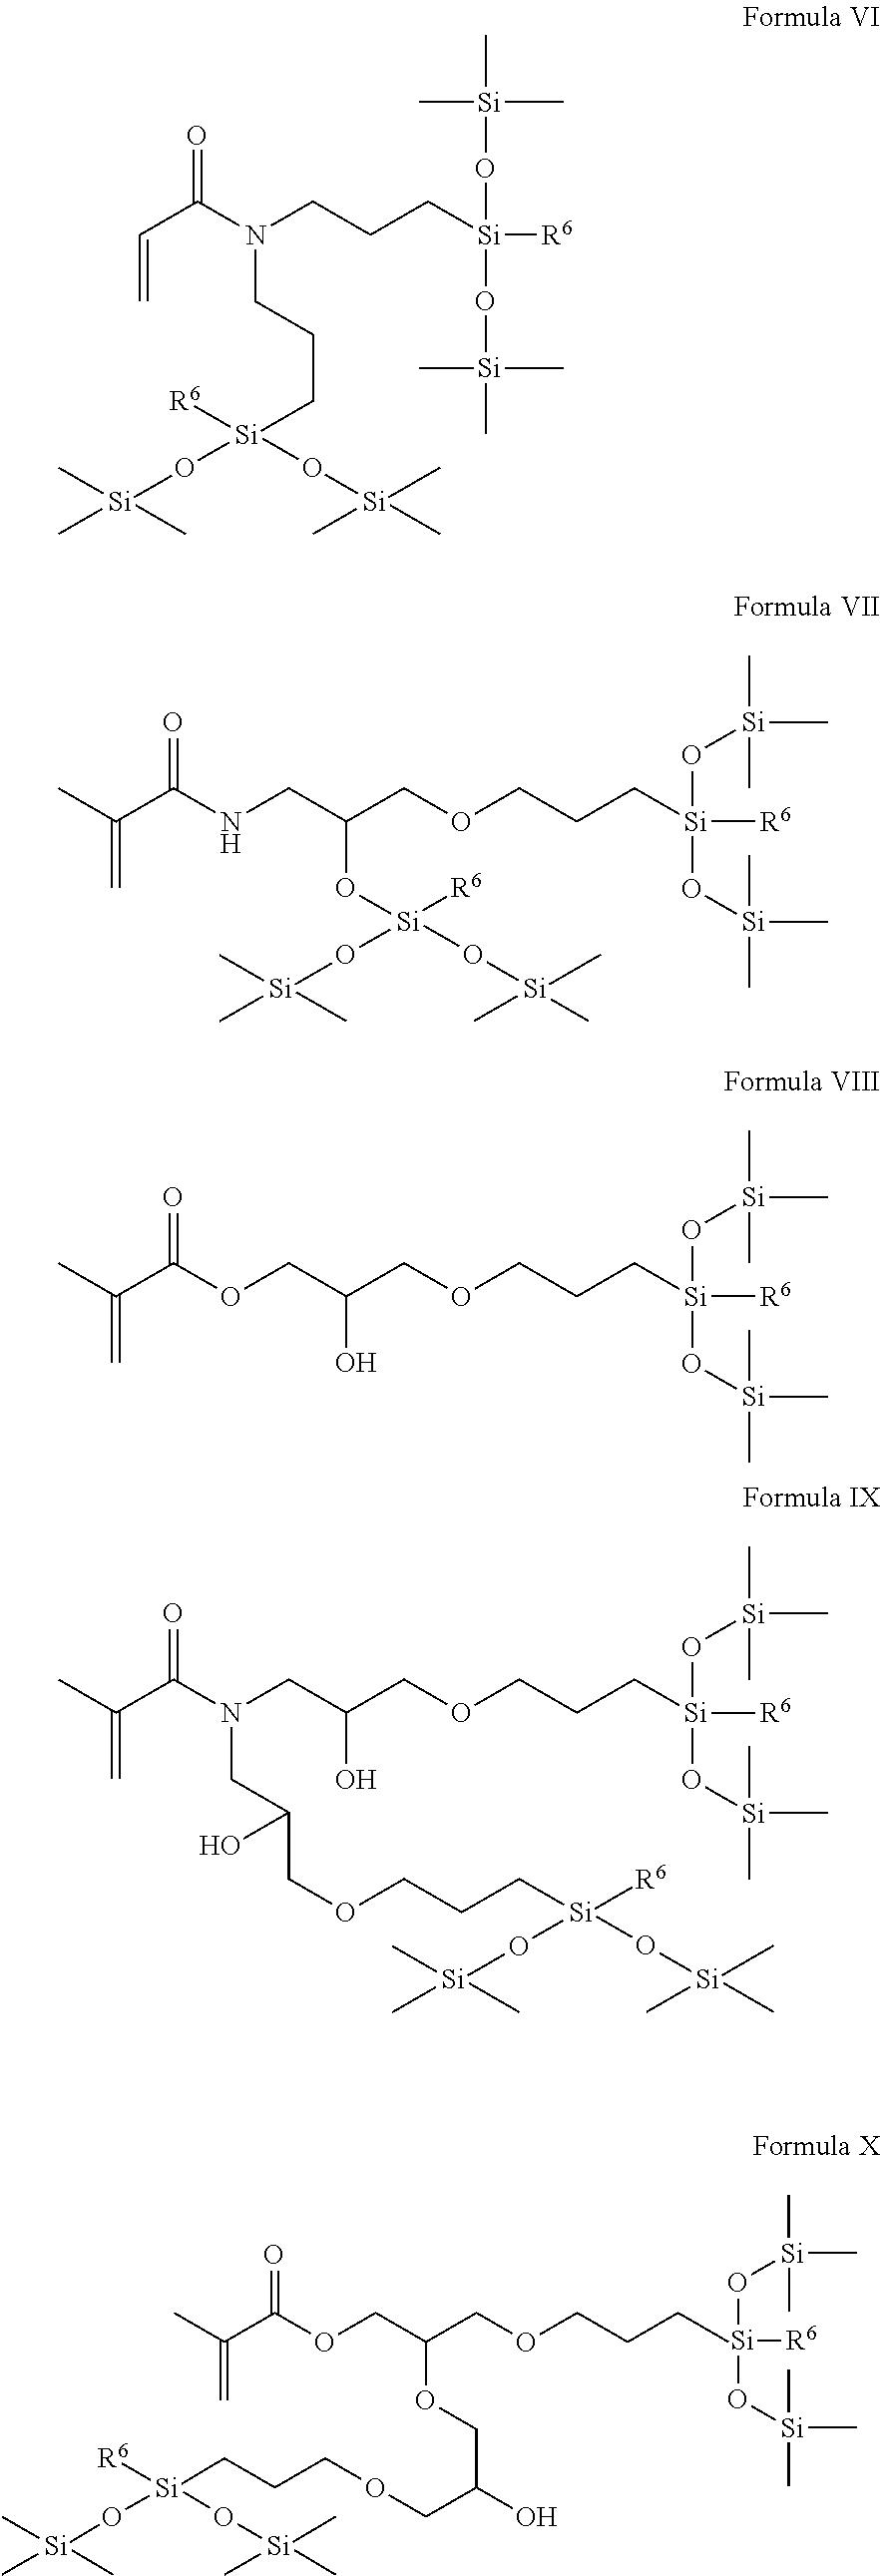 Figure US20180011223A1-20180111-C00032